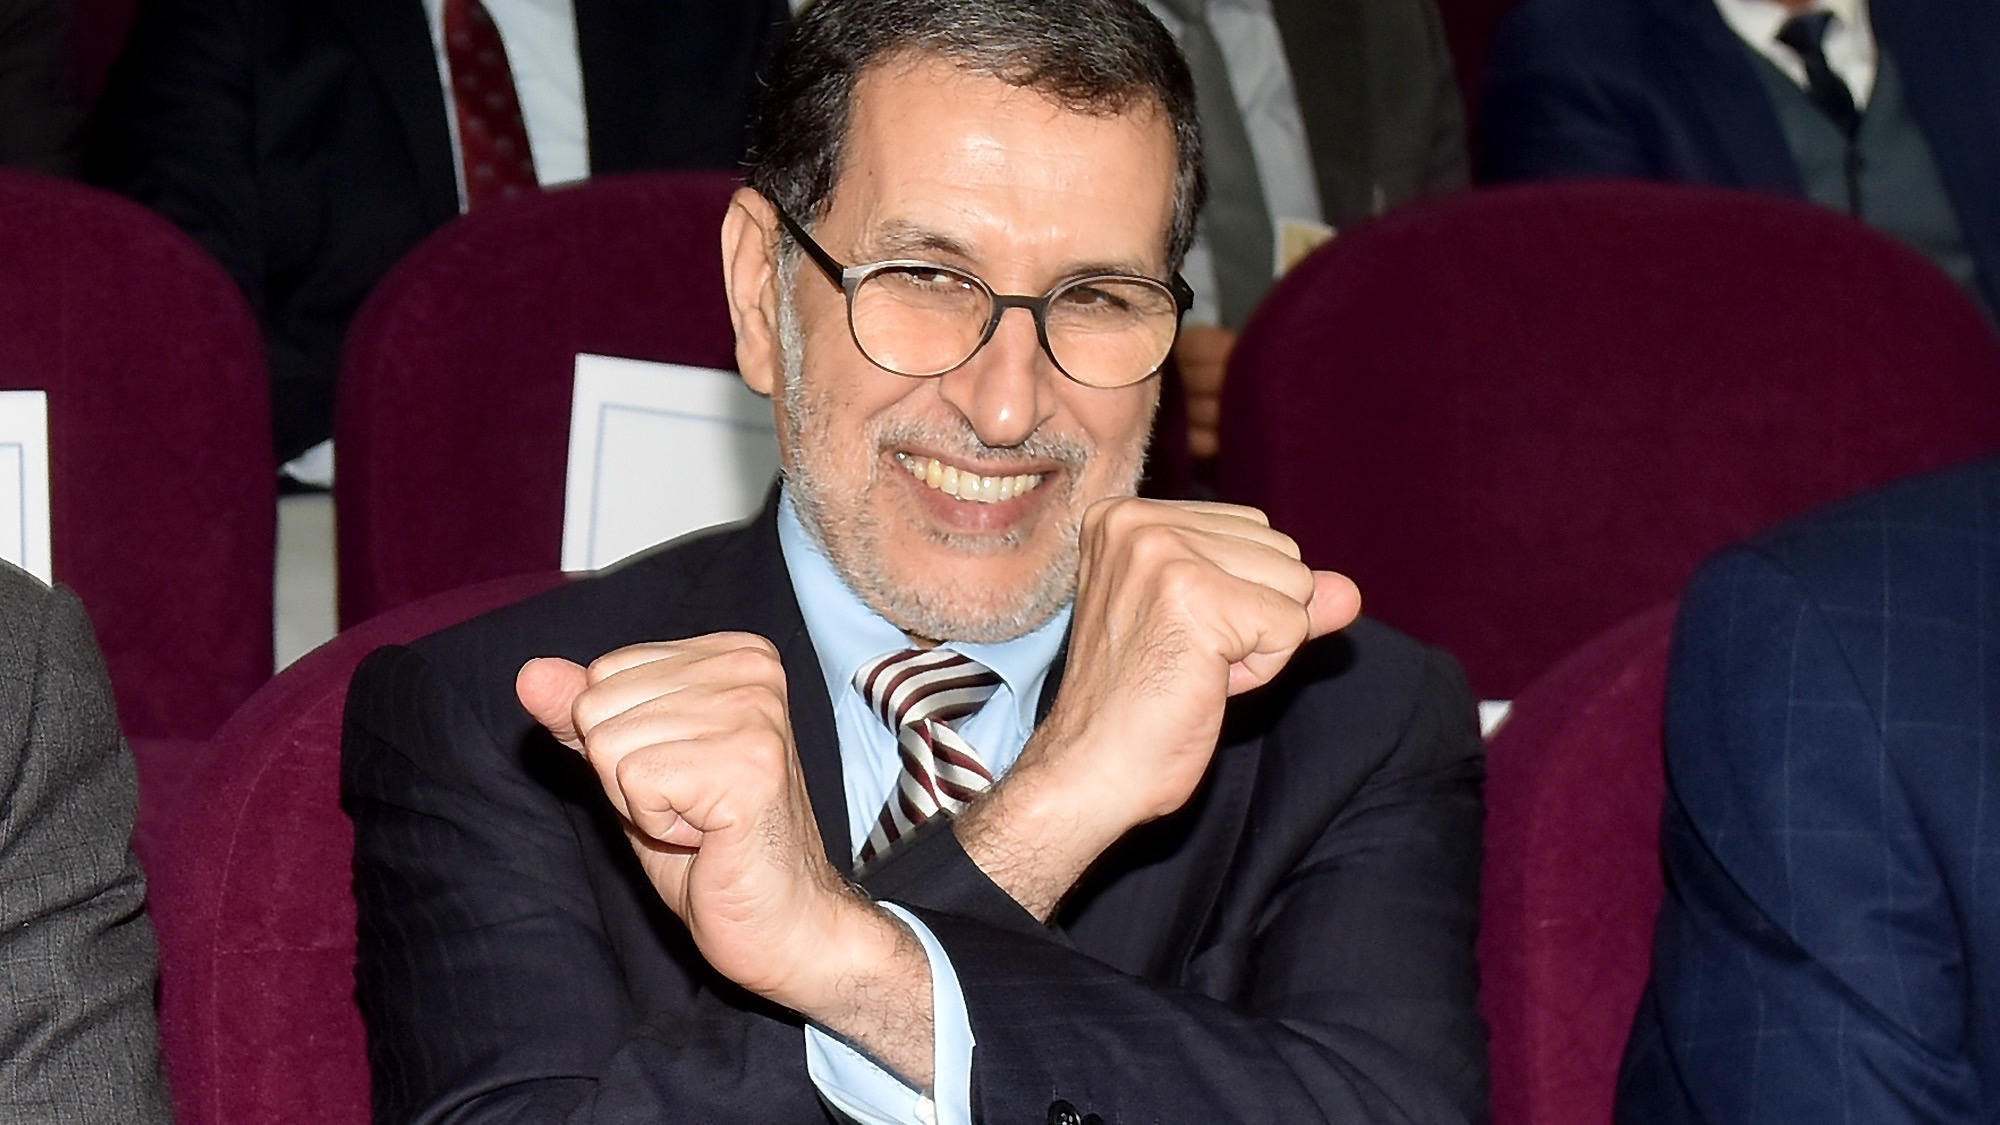 بالفيديو.. فرنسية رئيس الحكومة تثير السخرية.. ومغاربة: 'فرنساوي ذا يا العثماني'